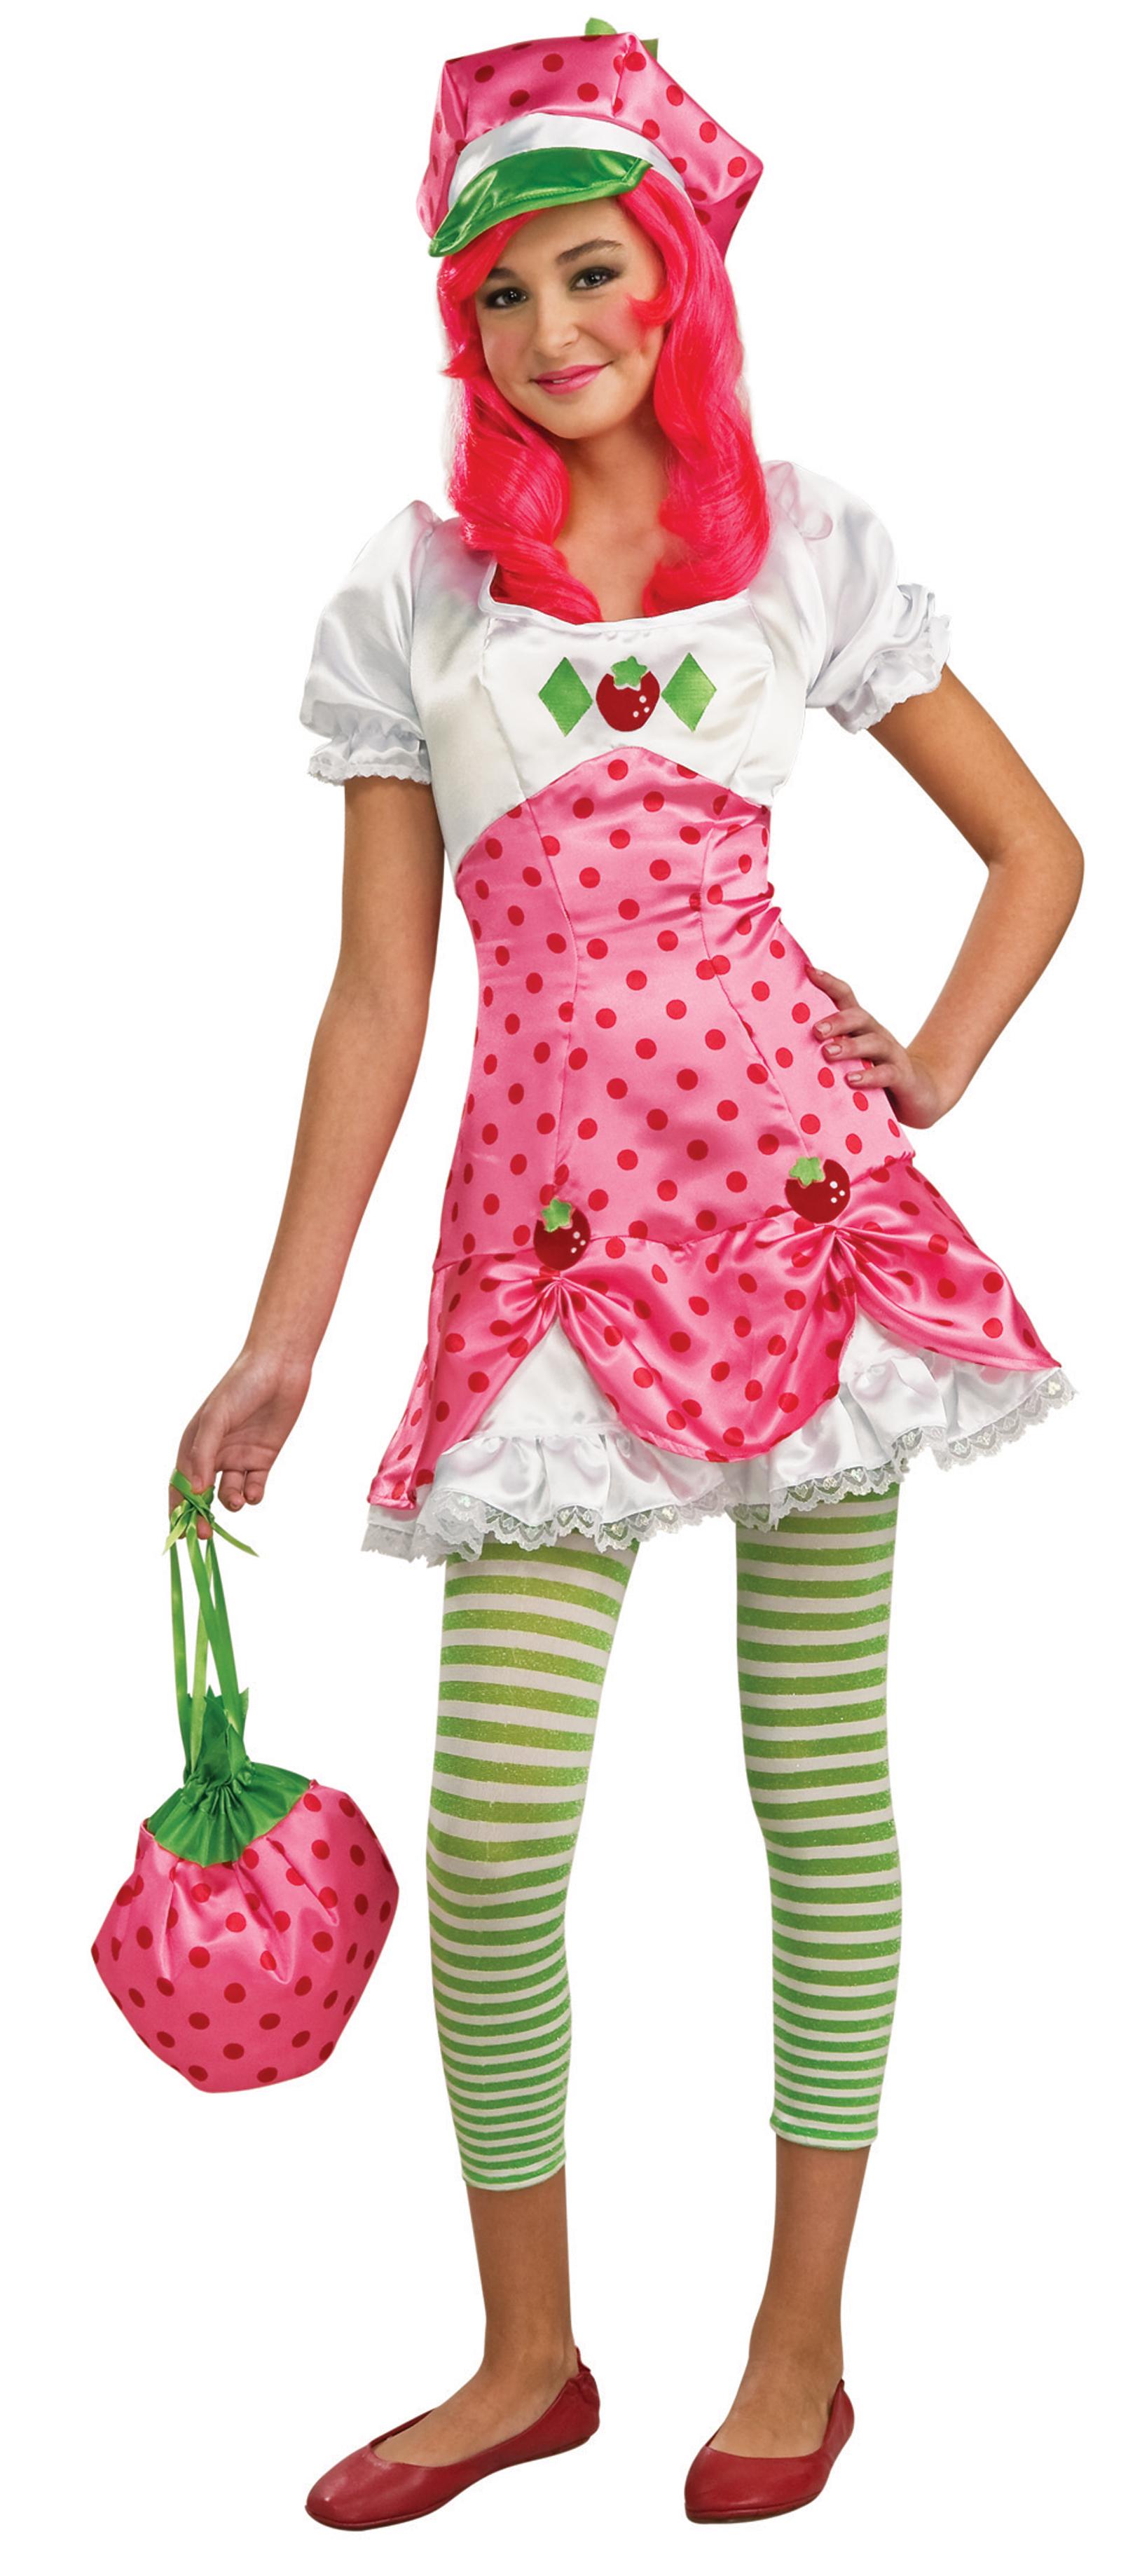 Strawberry Shortcake – Strawberry Shortcake Tween Costume